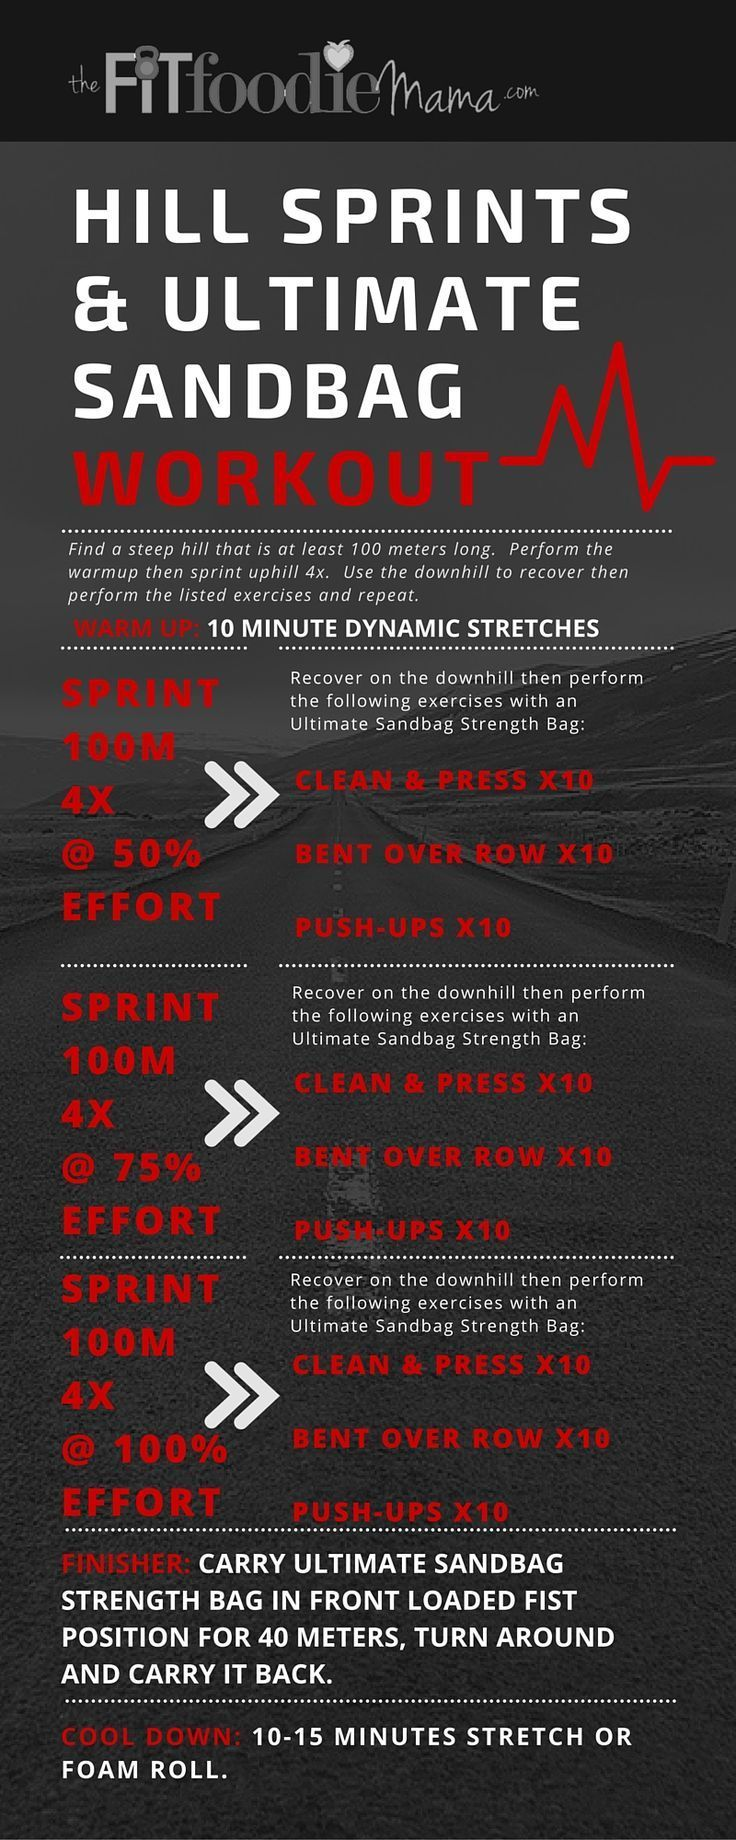 Hill sprint workout